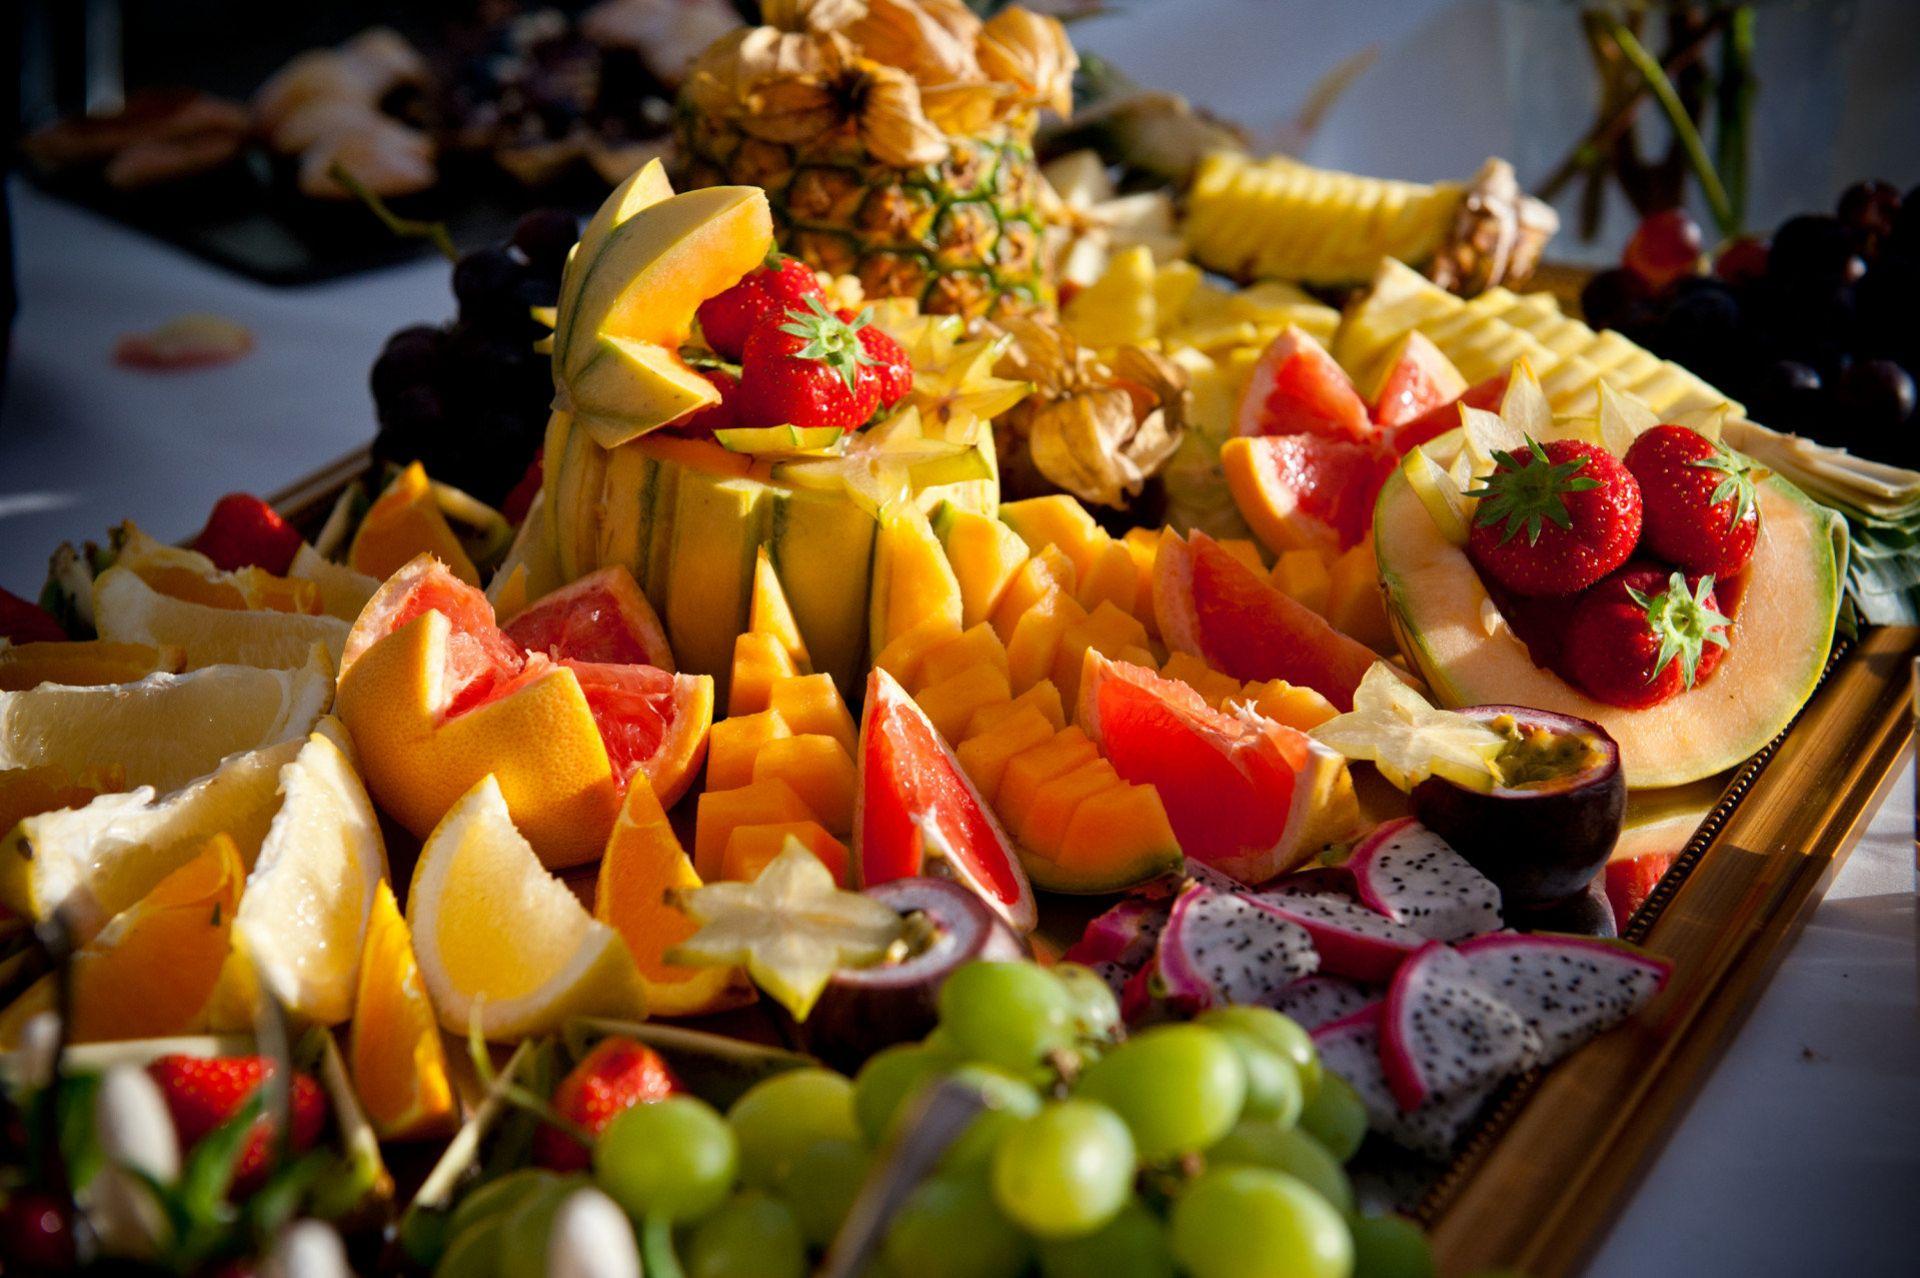 Platte mit verschiedenen farbigen Fruchstücken